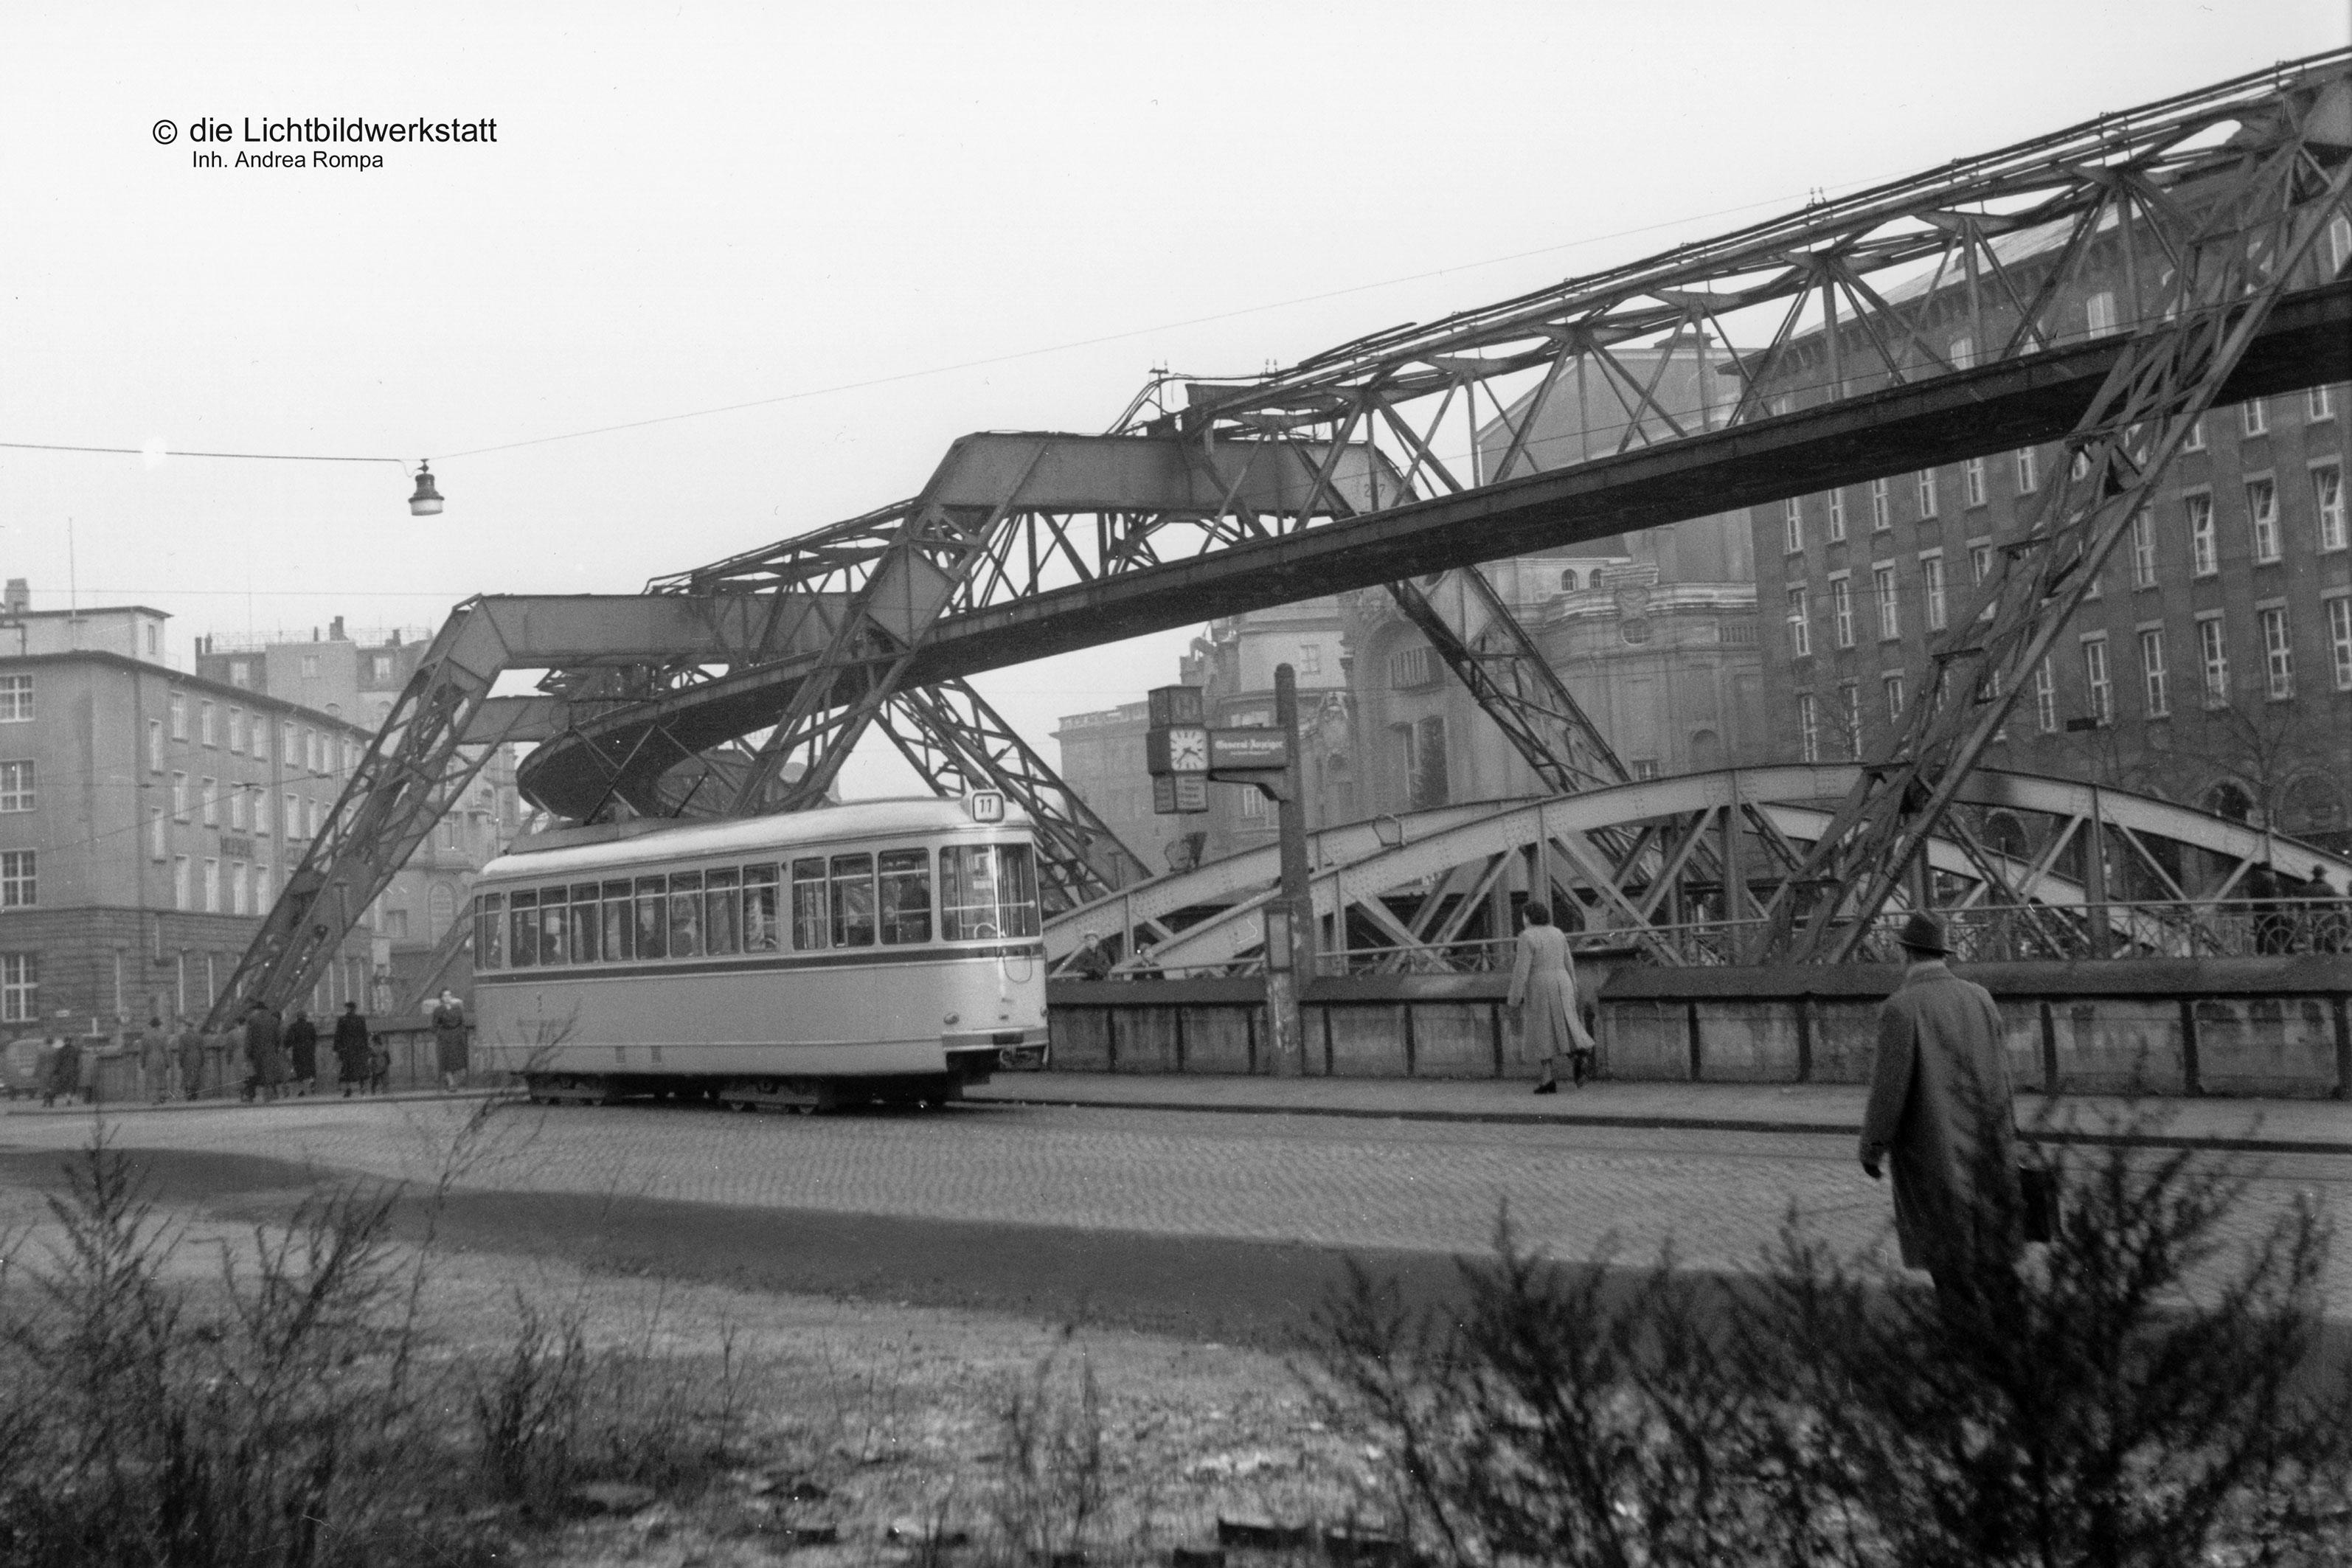 5_Straßenbahn_die-lichtbildwerkstatt